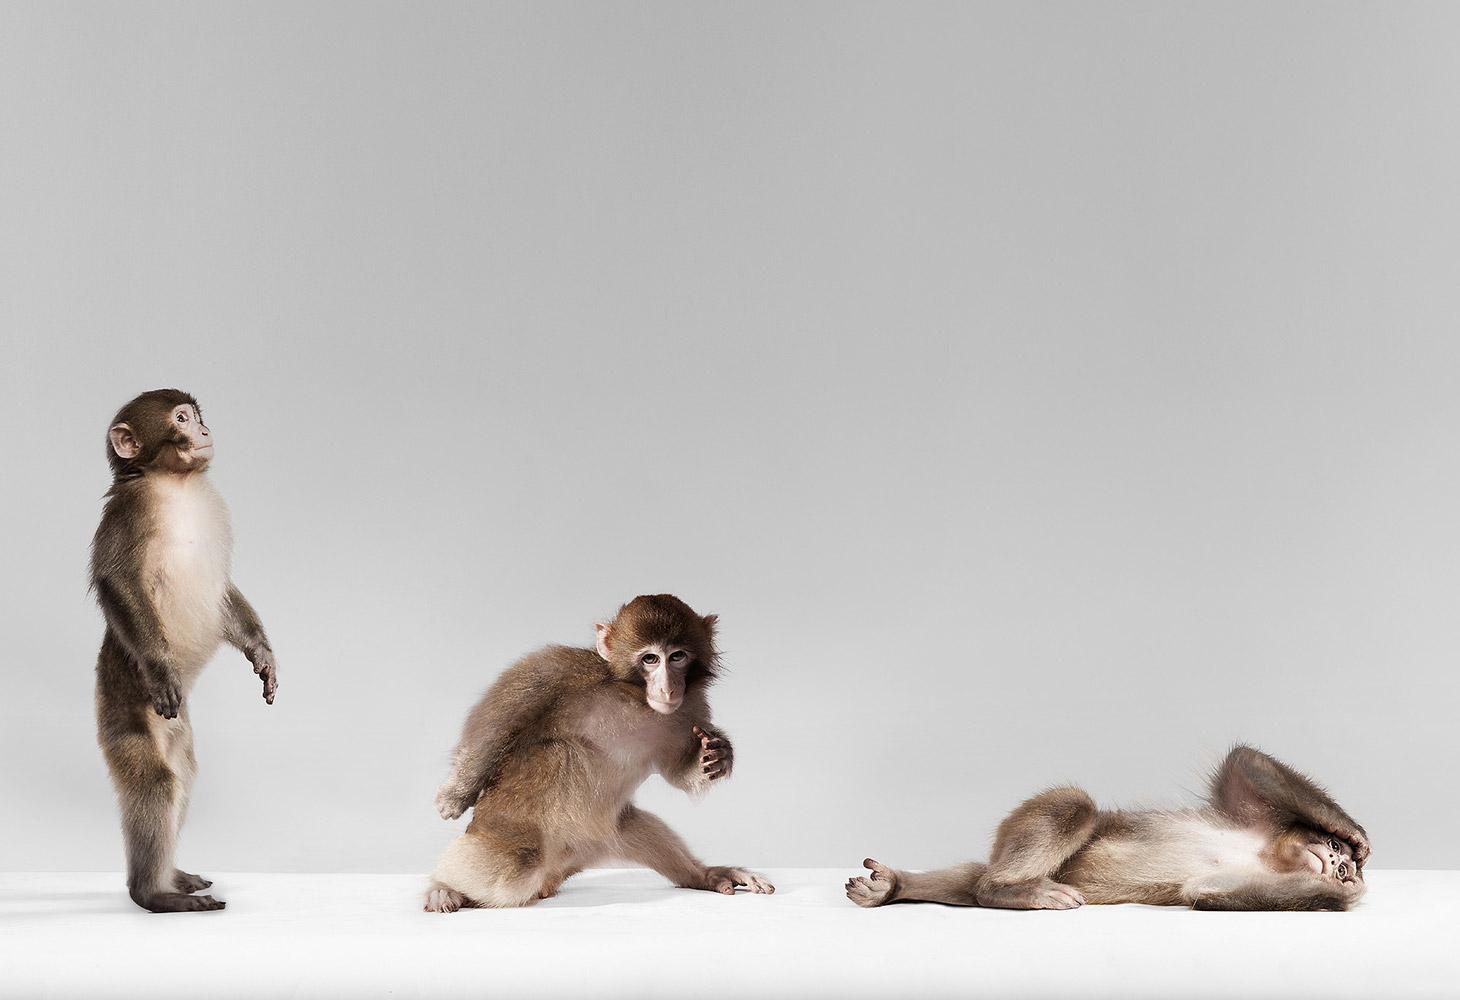 Обезьяна в движении, © HollenderX2, Бруклин, Первое место в категории «Профессионал: Портреты животных», Конкурс портретной фотографии «Лица»